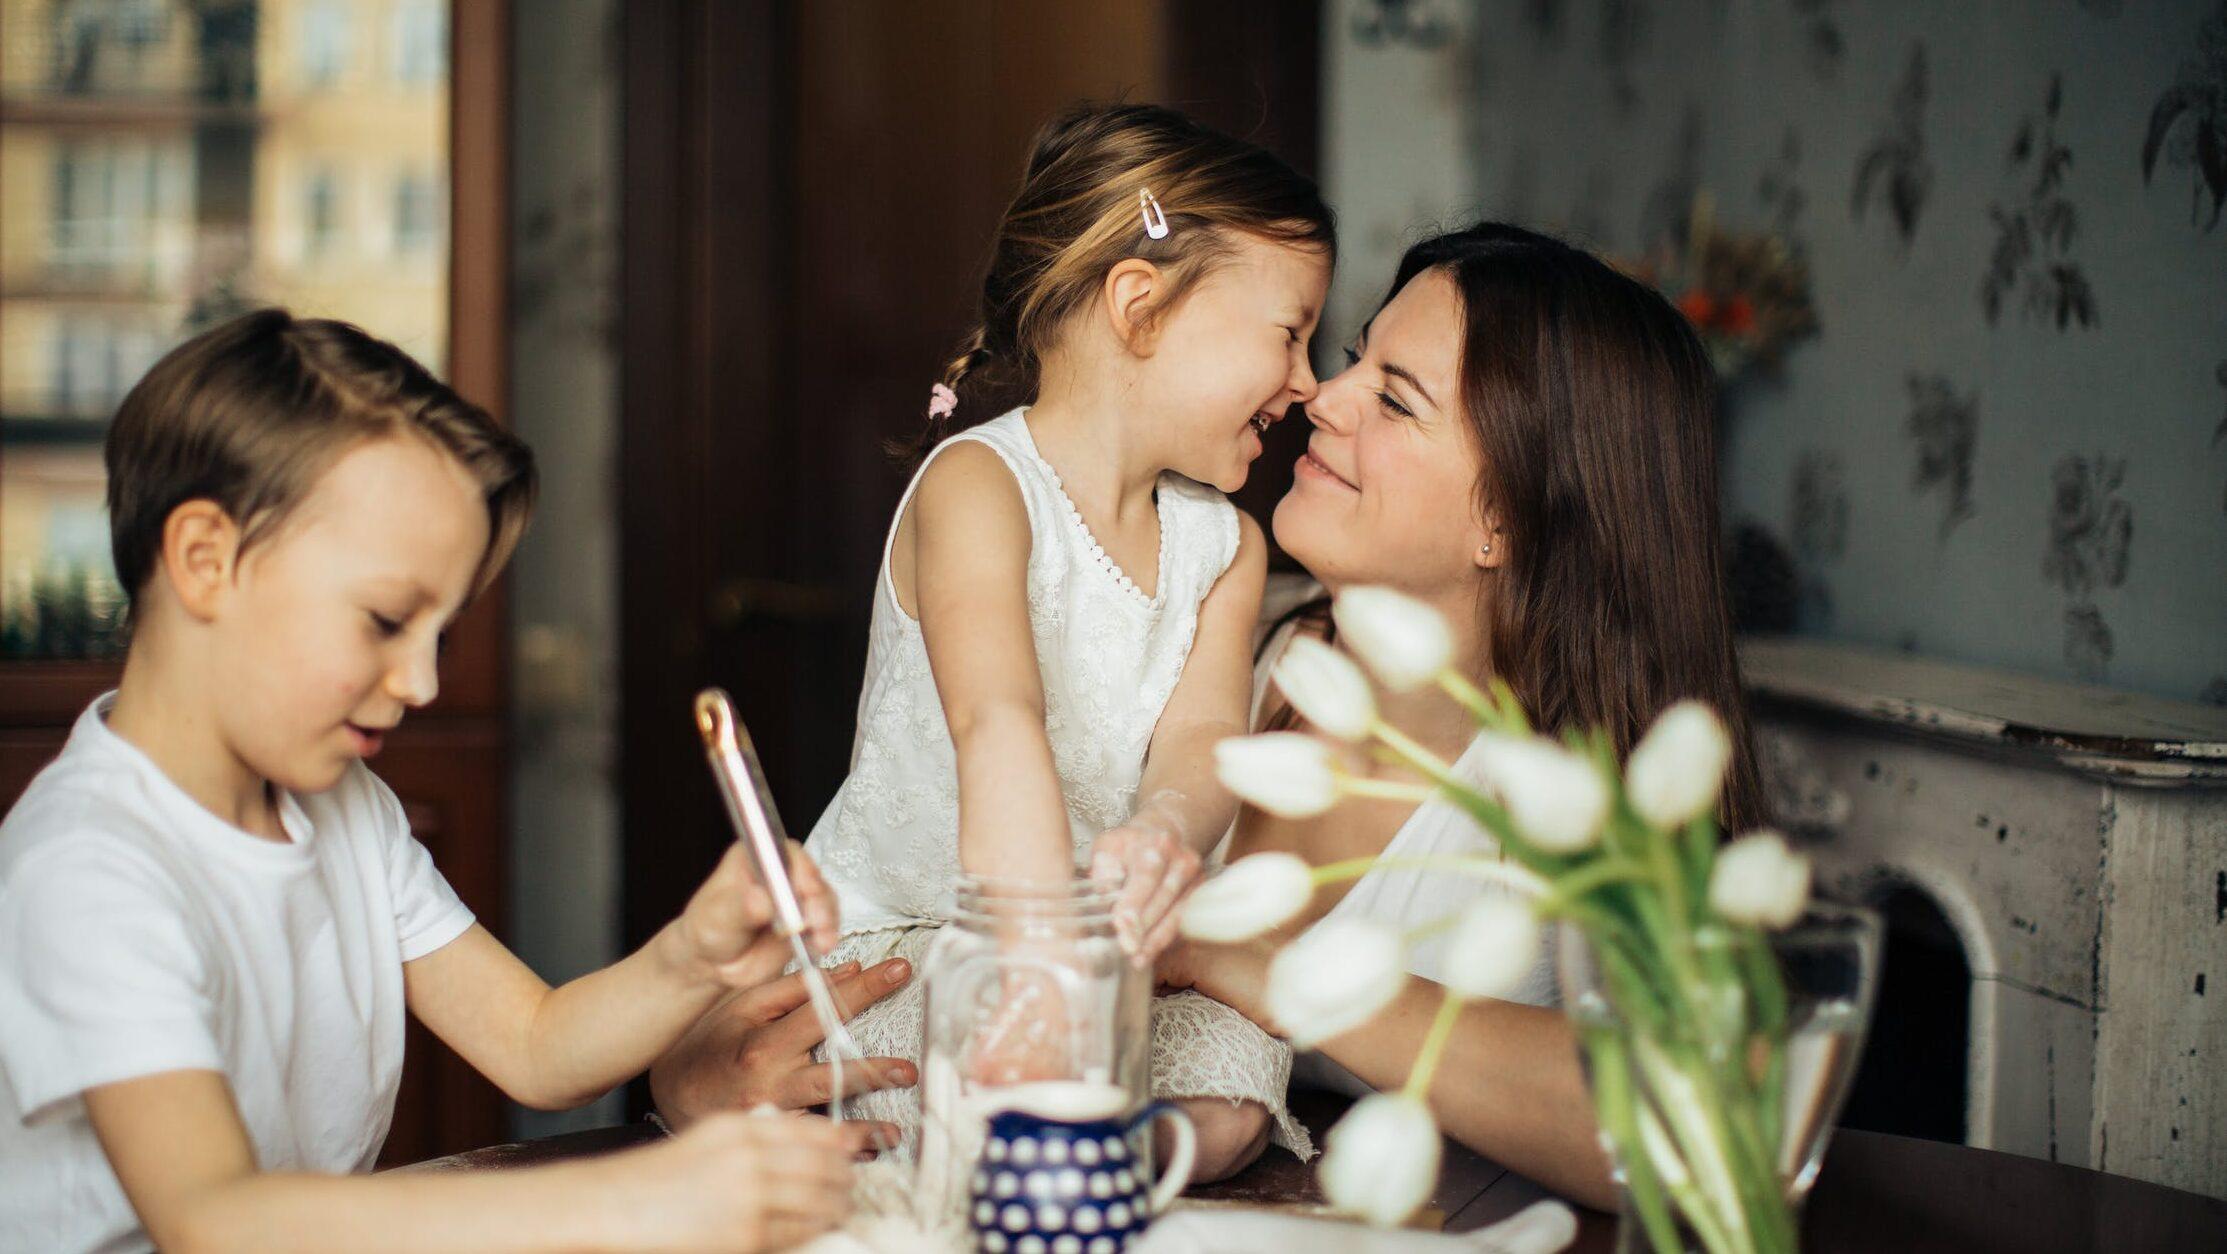 子供に懐かれる人好かれる人の特徴は?のイメージ画像6